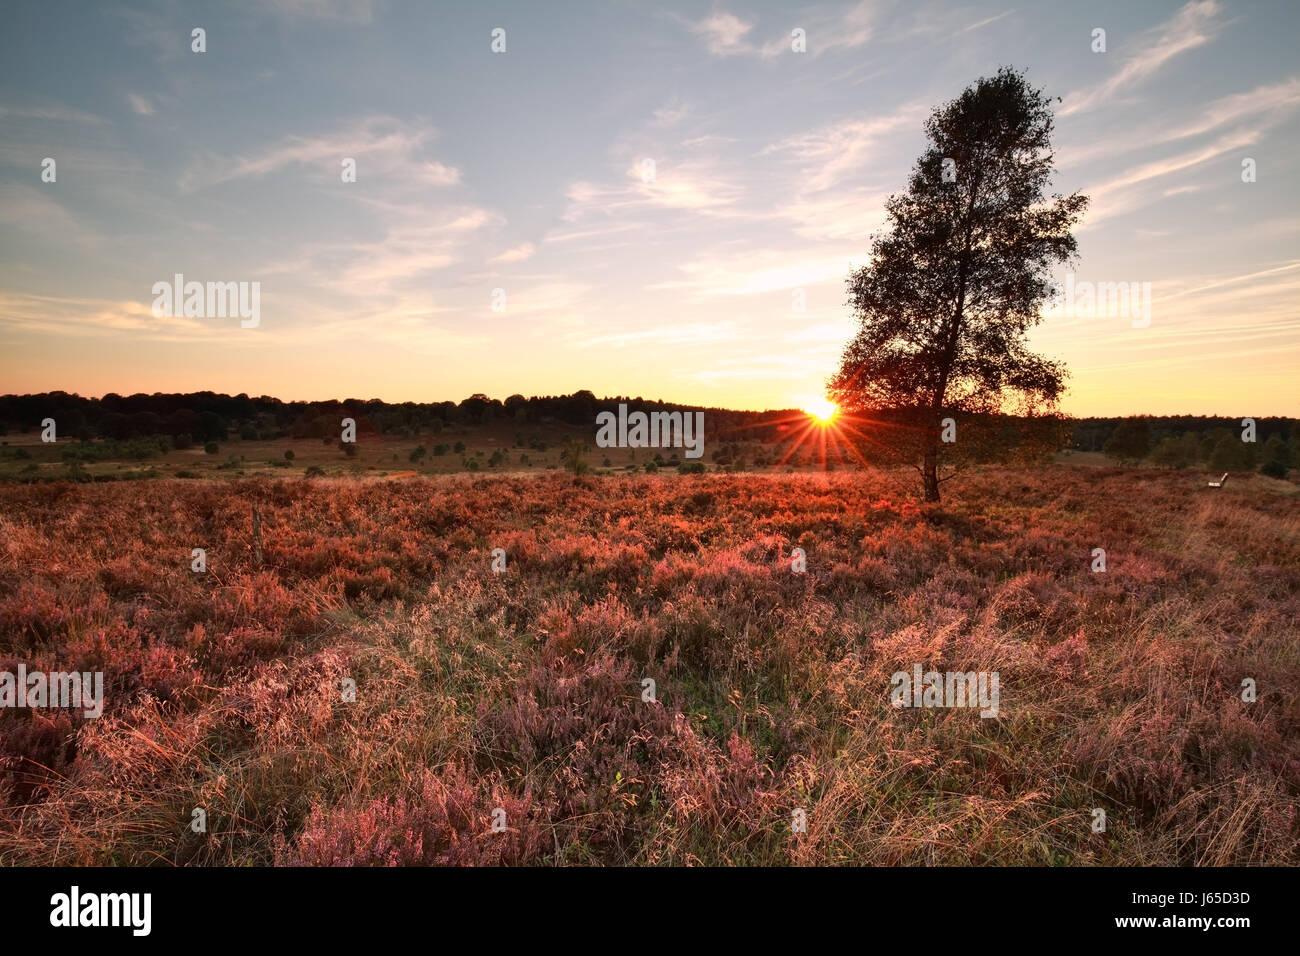 Coucher de soleil sur violet heather hills et bouleau Photo Stock